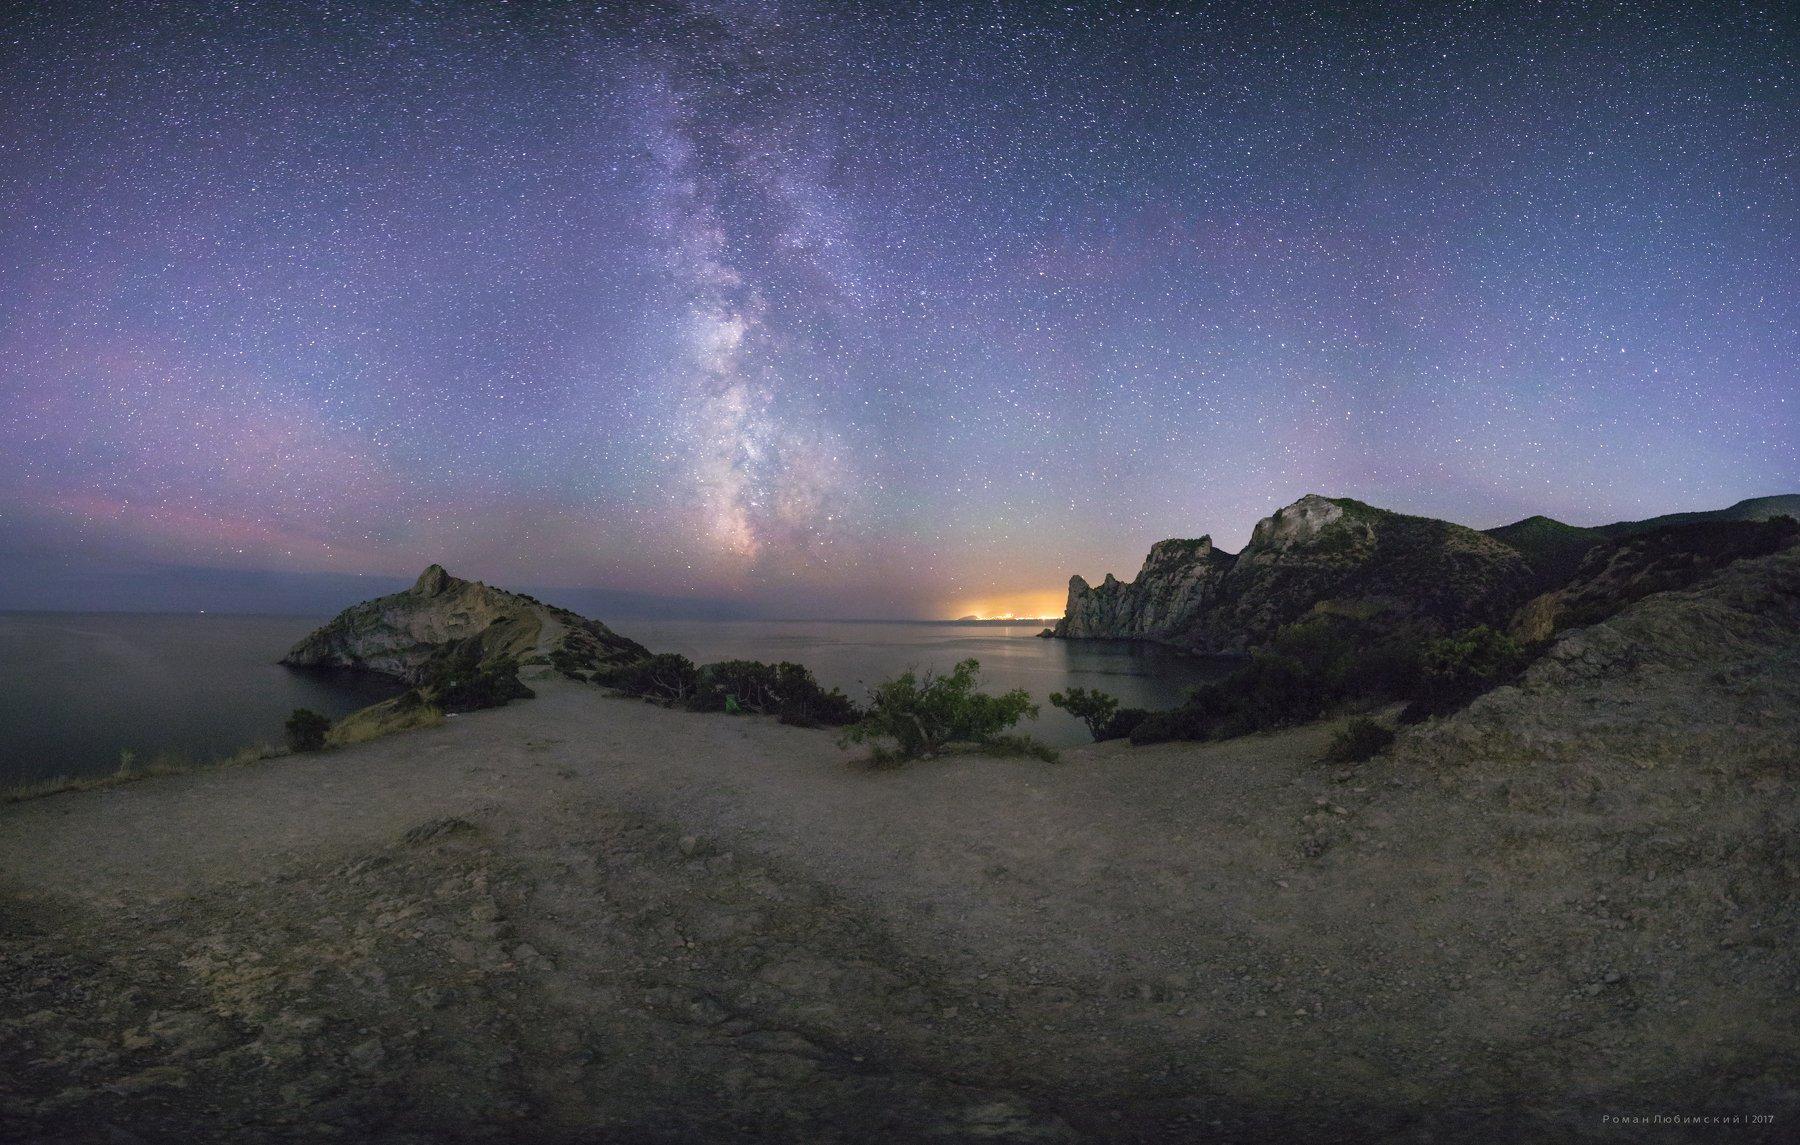 ночь, звезды, ночная фотография, млечный путь, крым, роман любимский, Роман Любимский